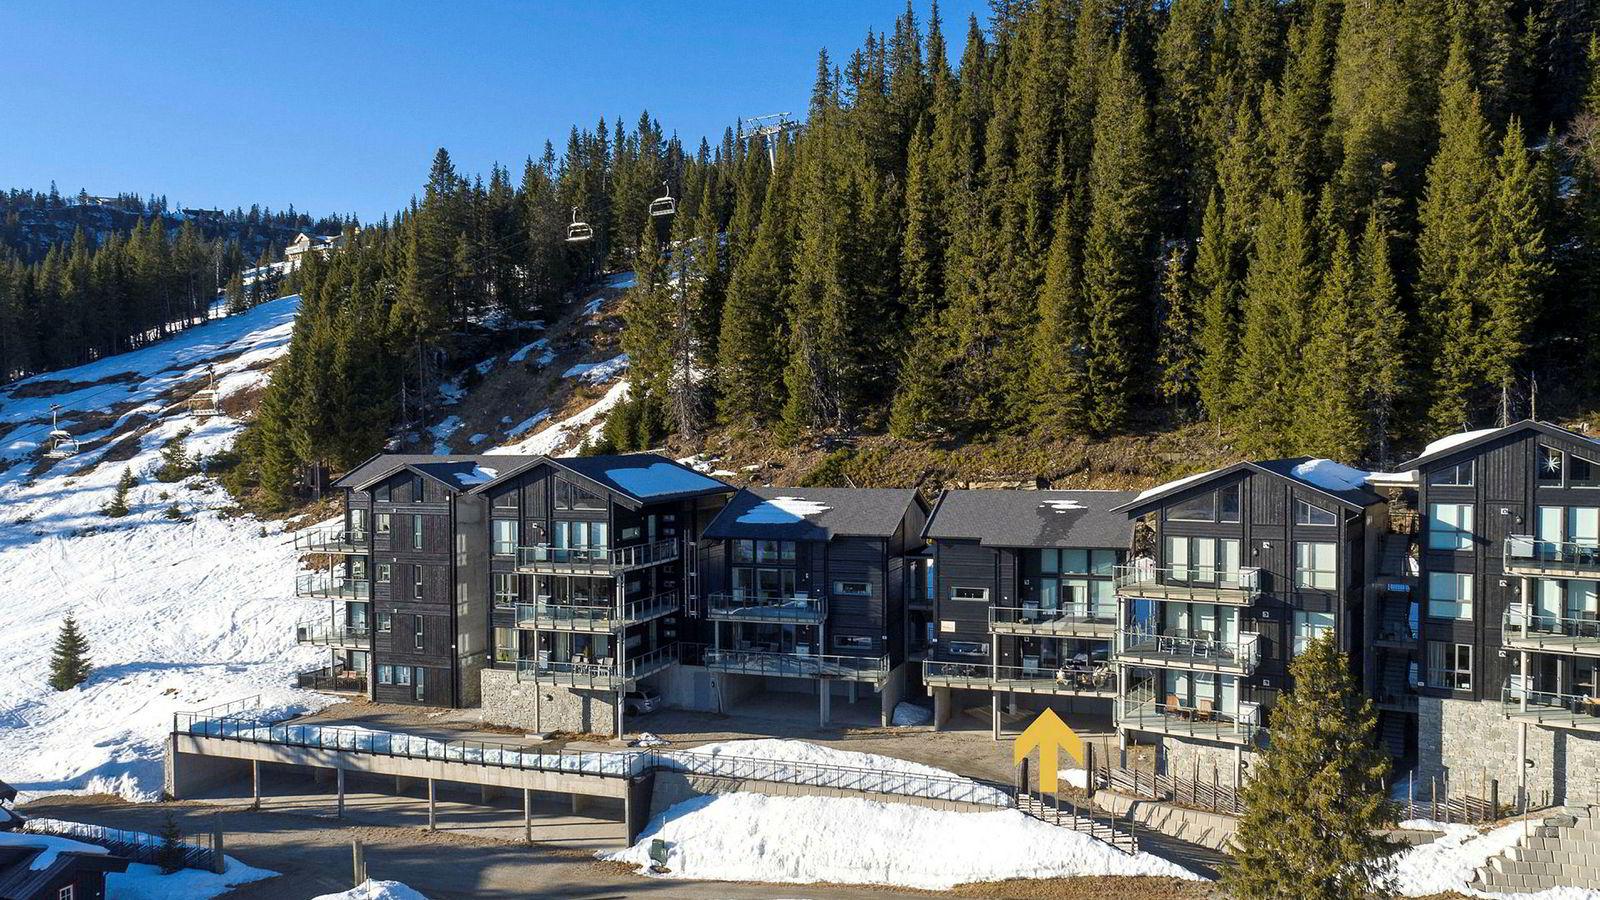 En leilighet på 68 kvadratmeter i dette komplekset på Kvitfjell ble solgt for 2,95 millioner i påsken etter tre dager på markedet.